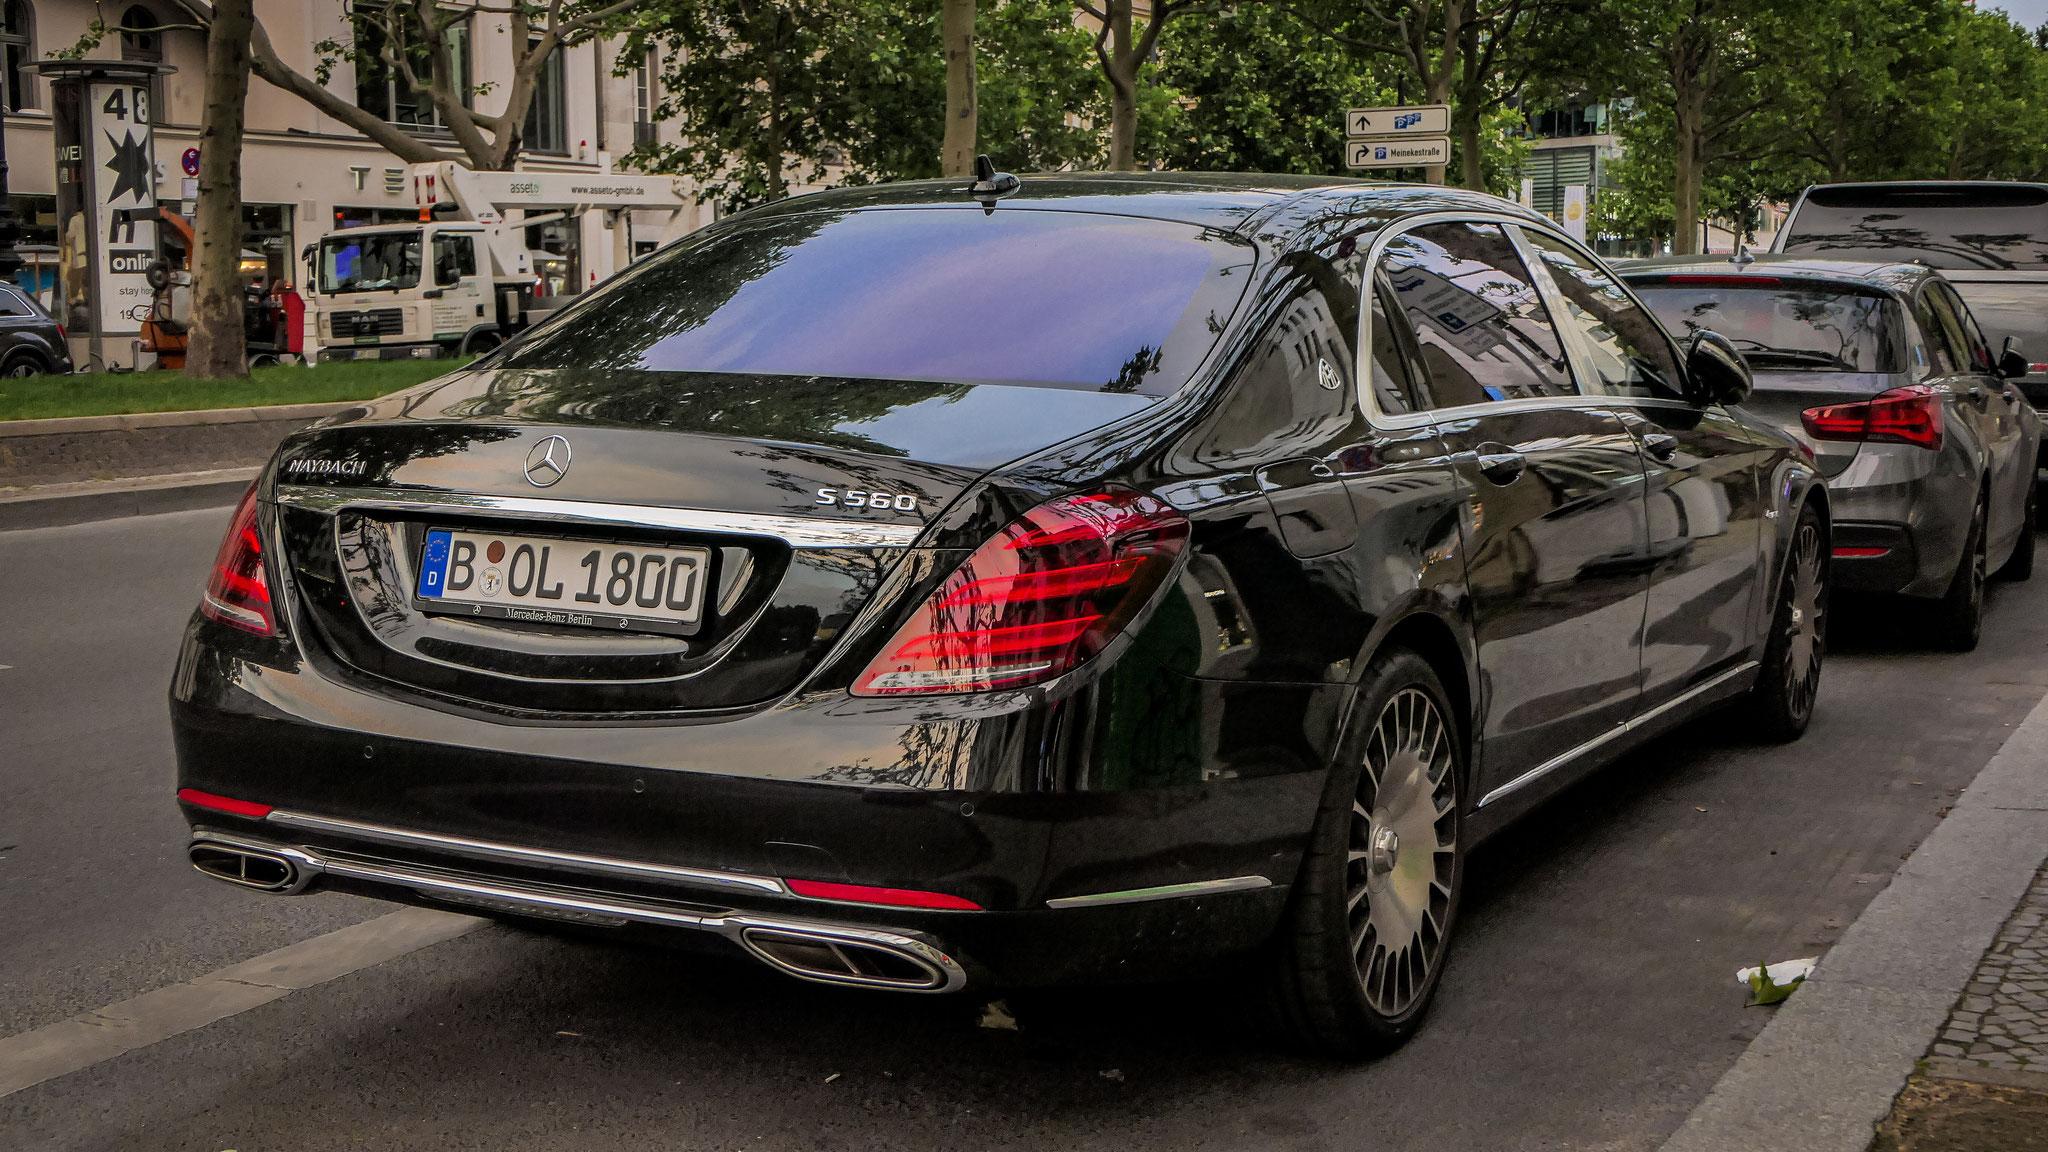 Mercedes Maybach S560 - B-OL-1800